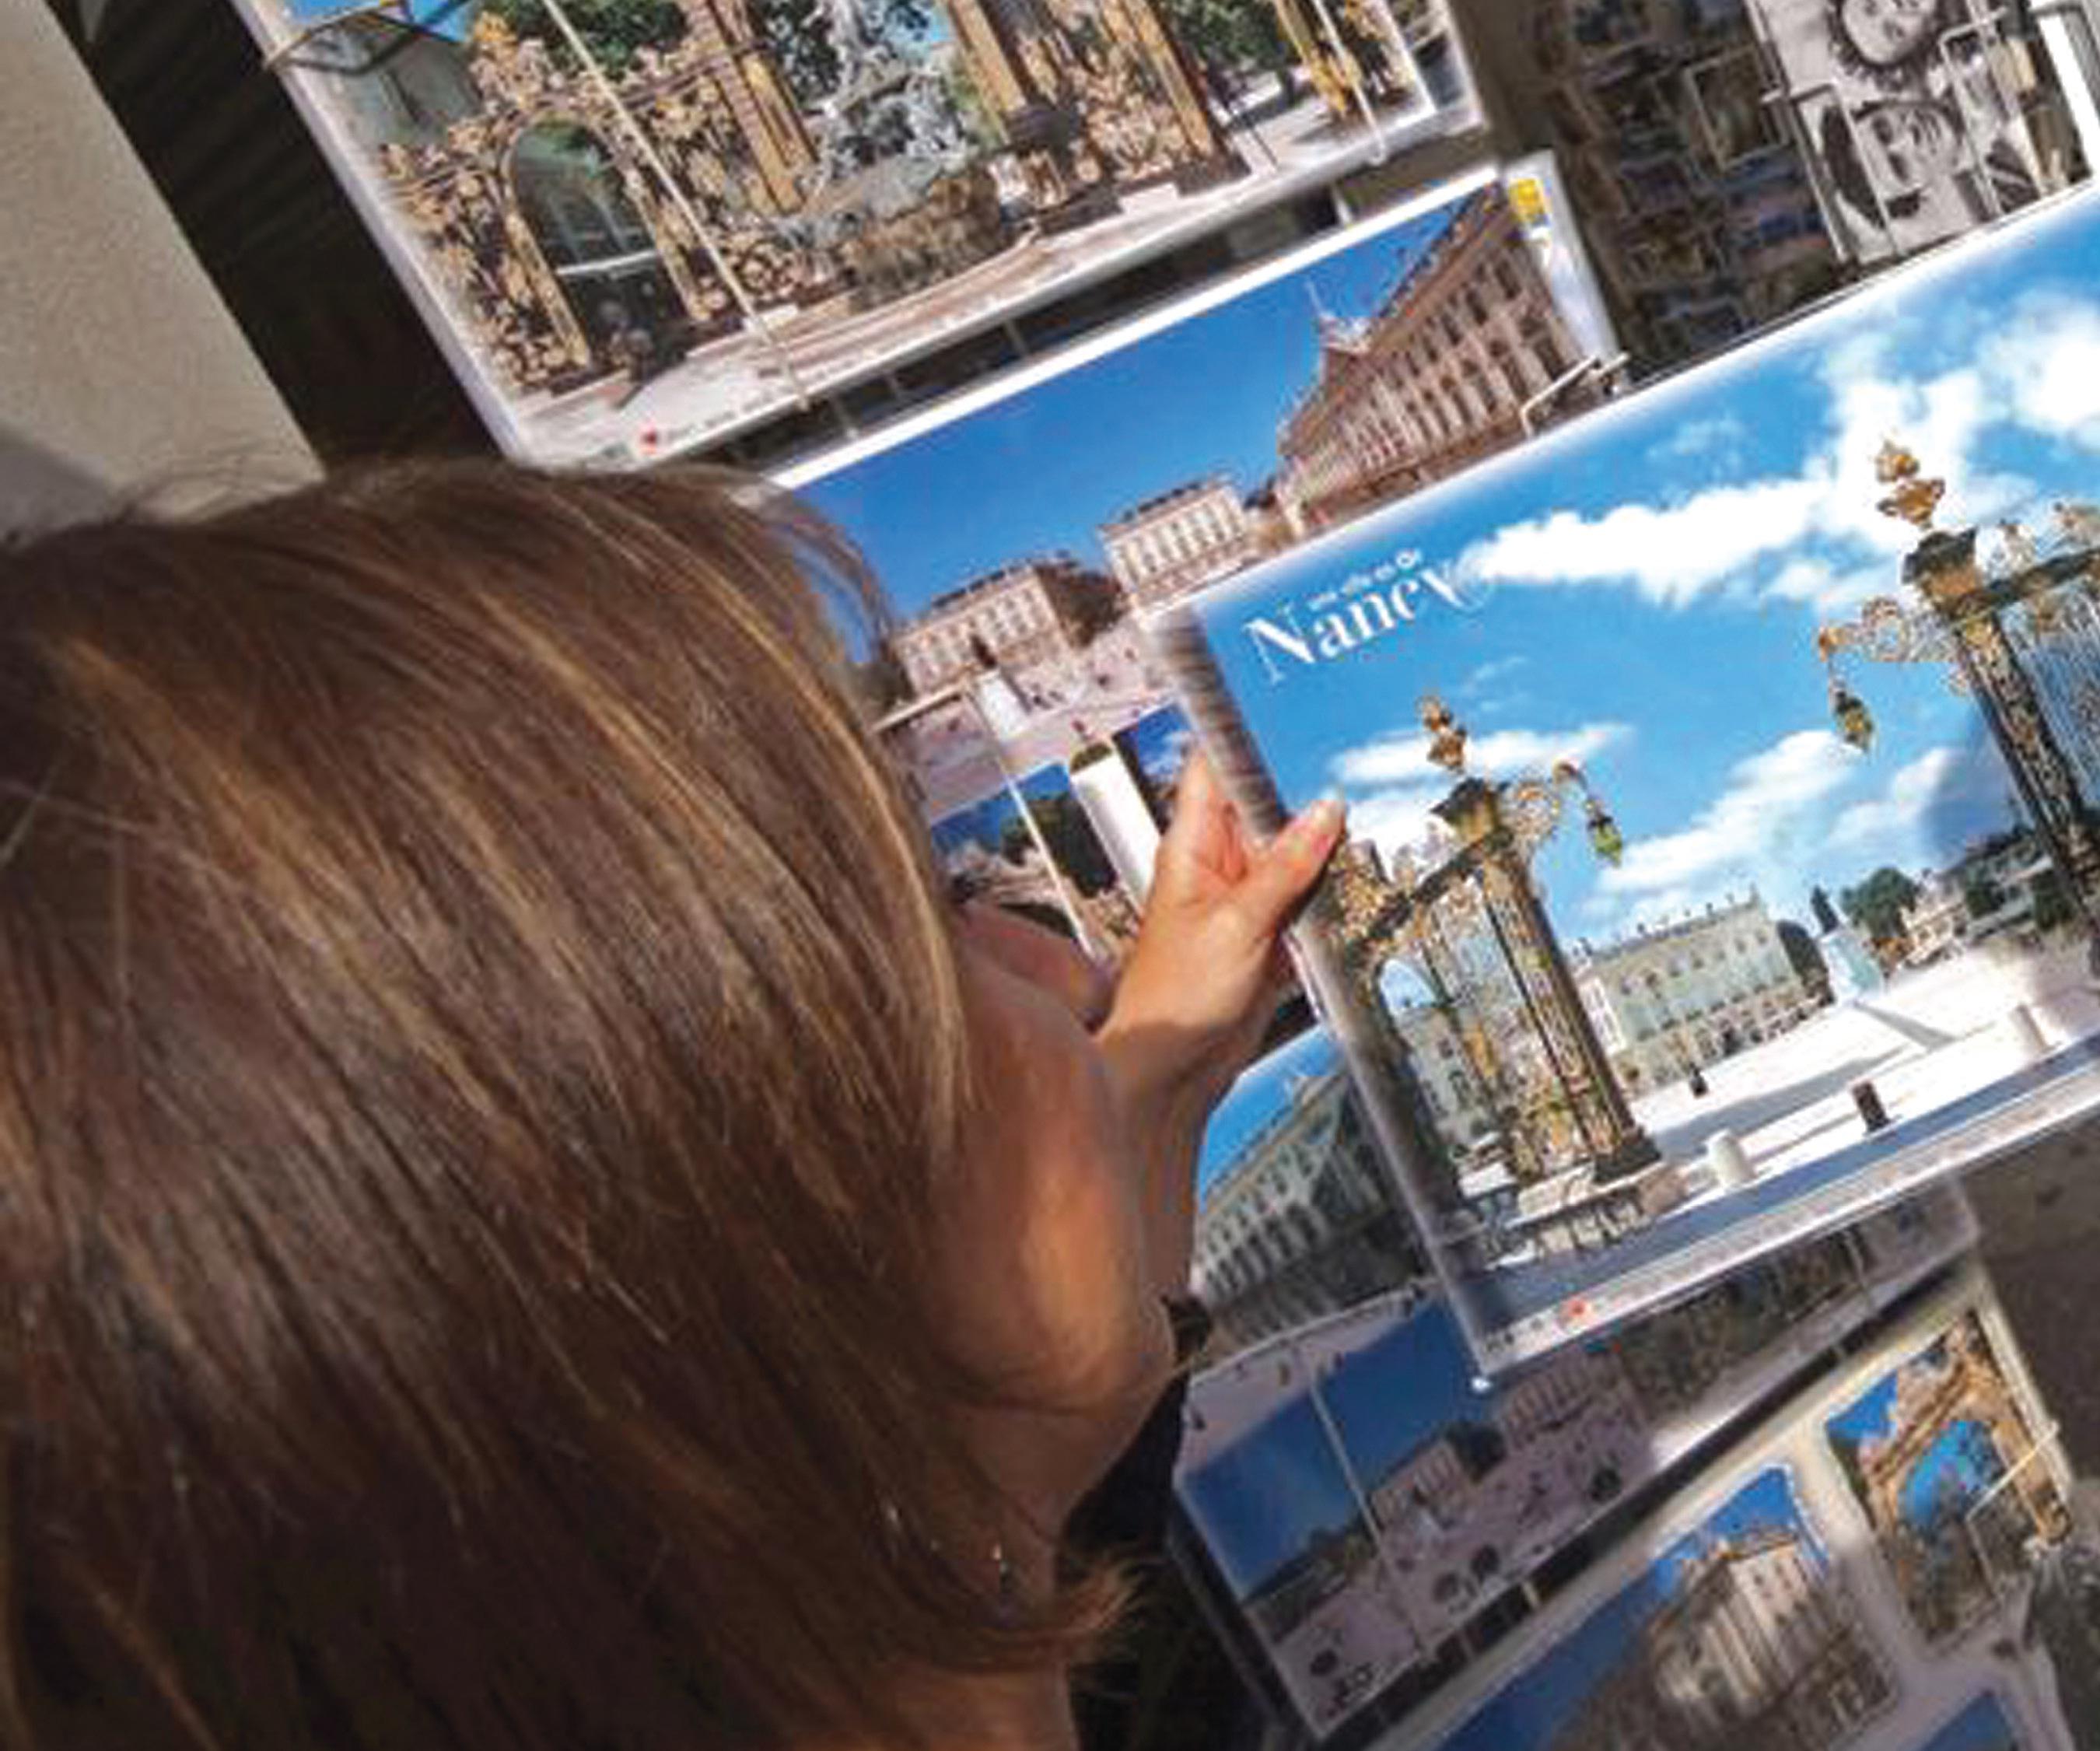 Les chiffres de la saison estivale, basés sur la fréquentation de l'Office de tourisme de Nancy, révèlent un bilan plutôt positif.